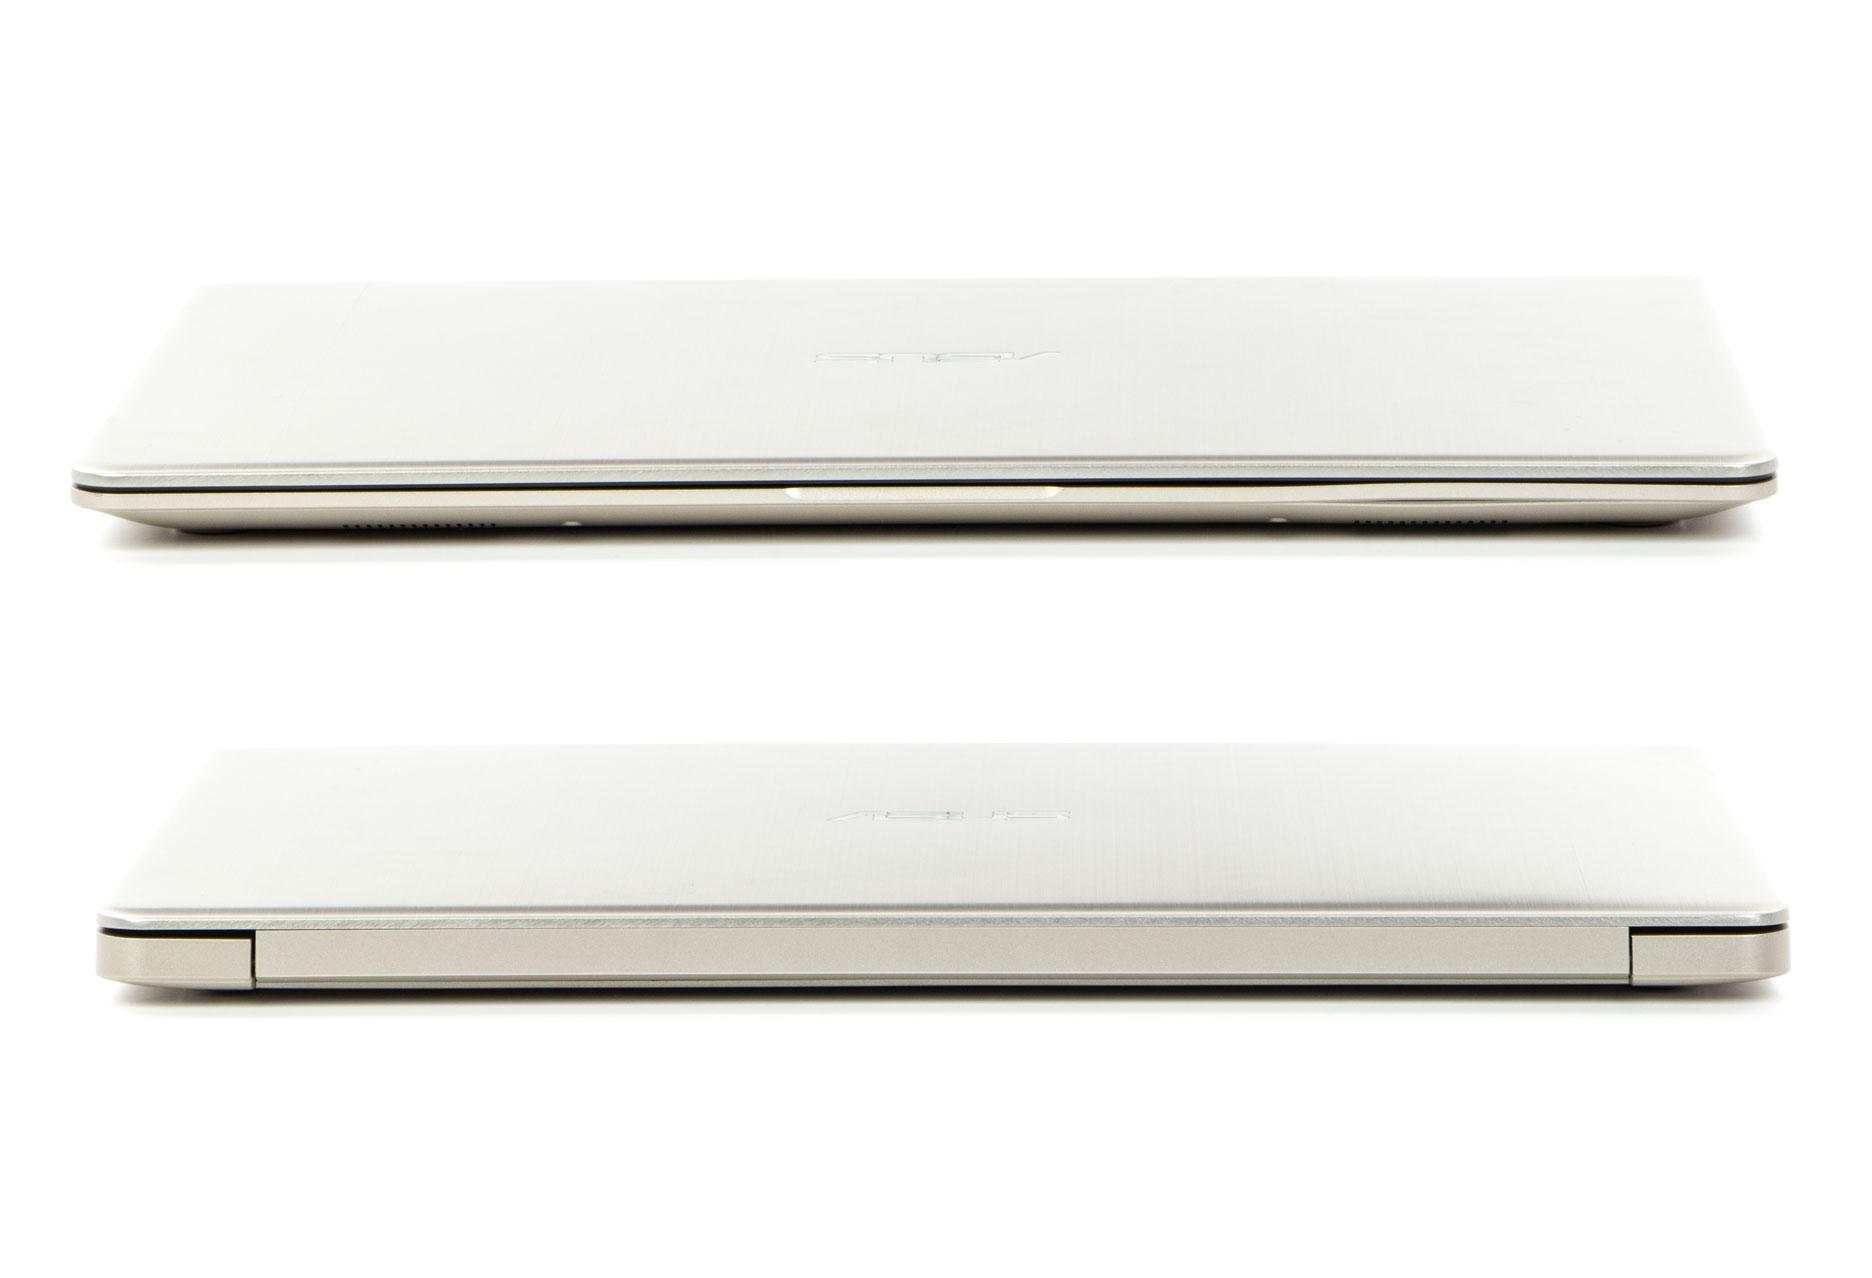 Asus VivoBook S15 przód i tył